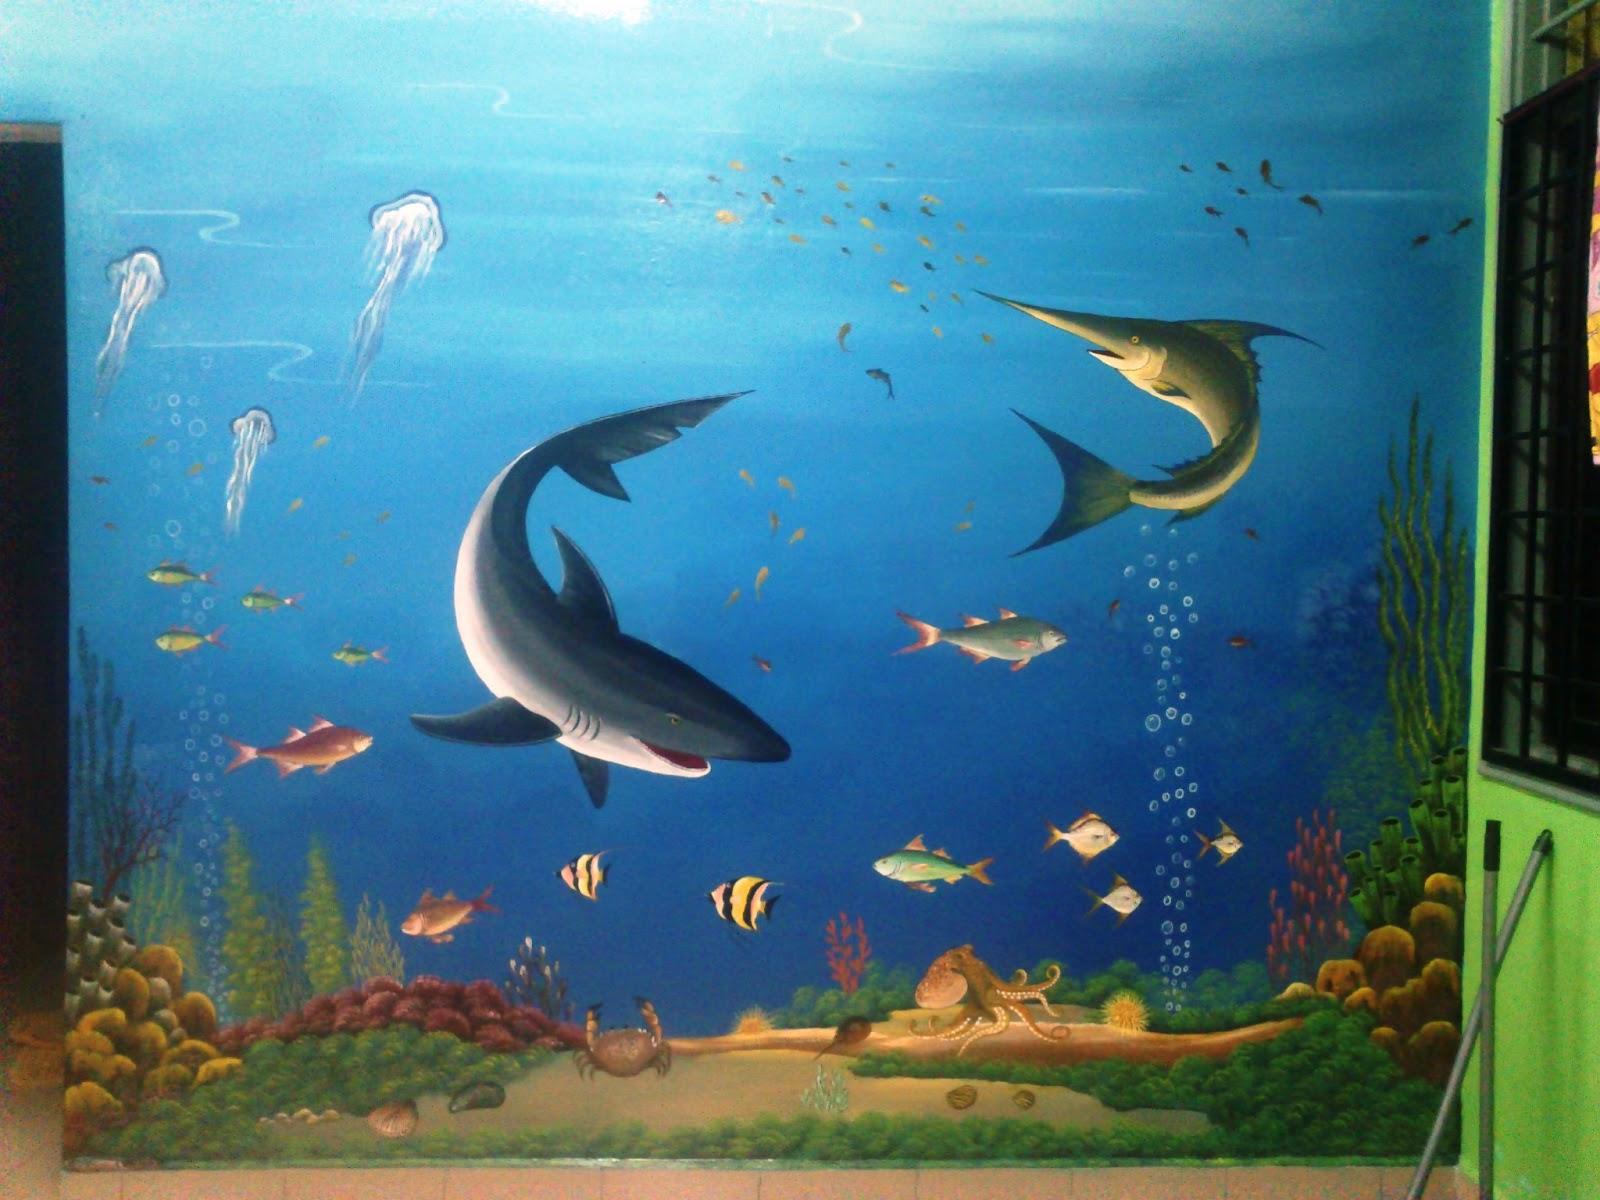 mural art cetusan idea sample image mural marine life